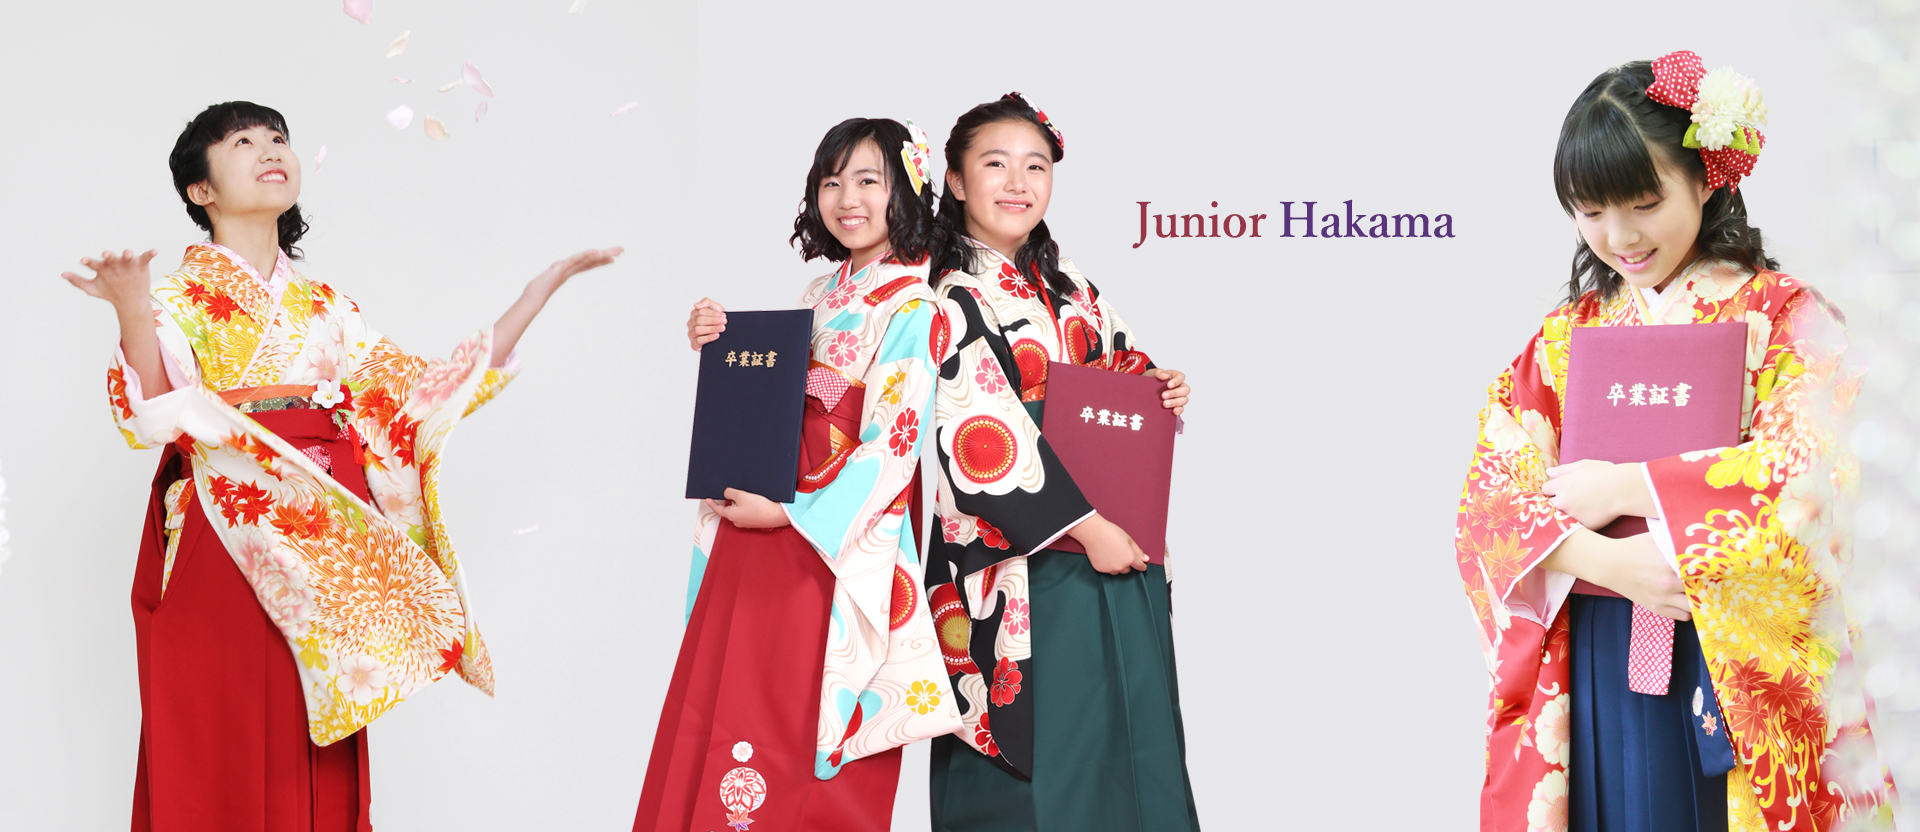 千葉県の着物・振袖のみかわや|青と紫の新作振袖